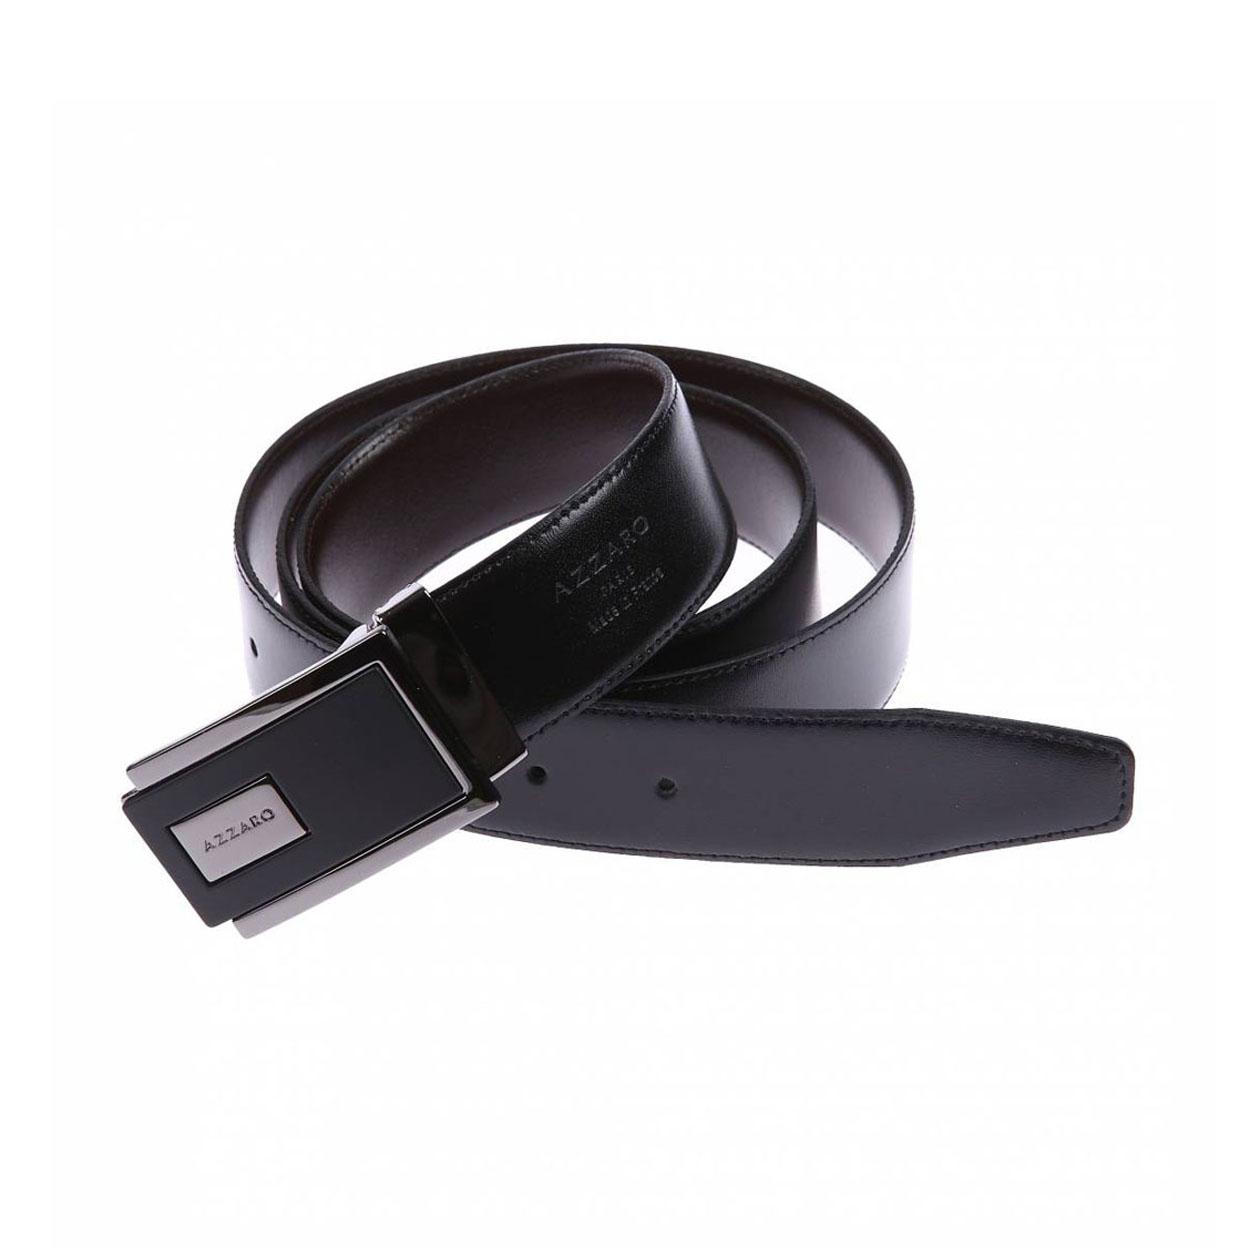 Ceinture Azzaro ajustable en cuir noir réversible marron à boucle rectangulaire bicolore